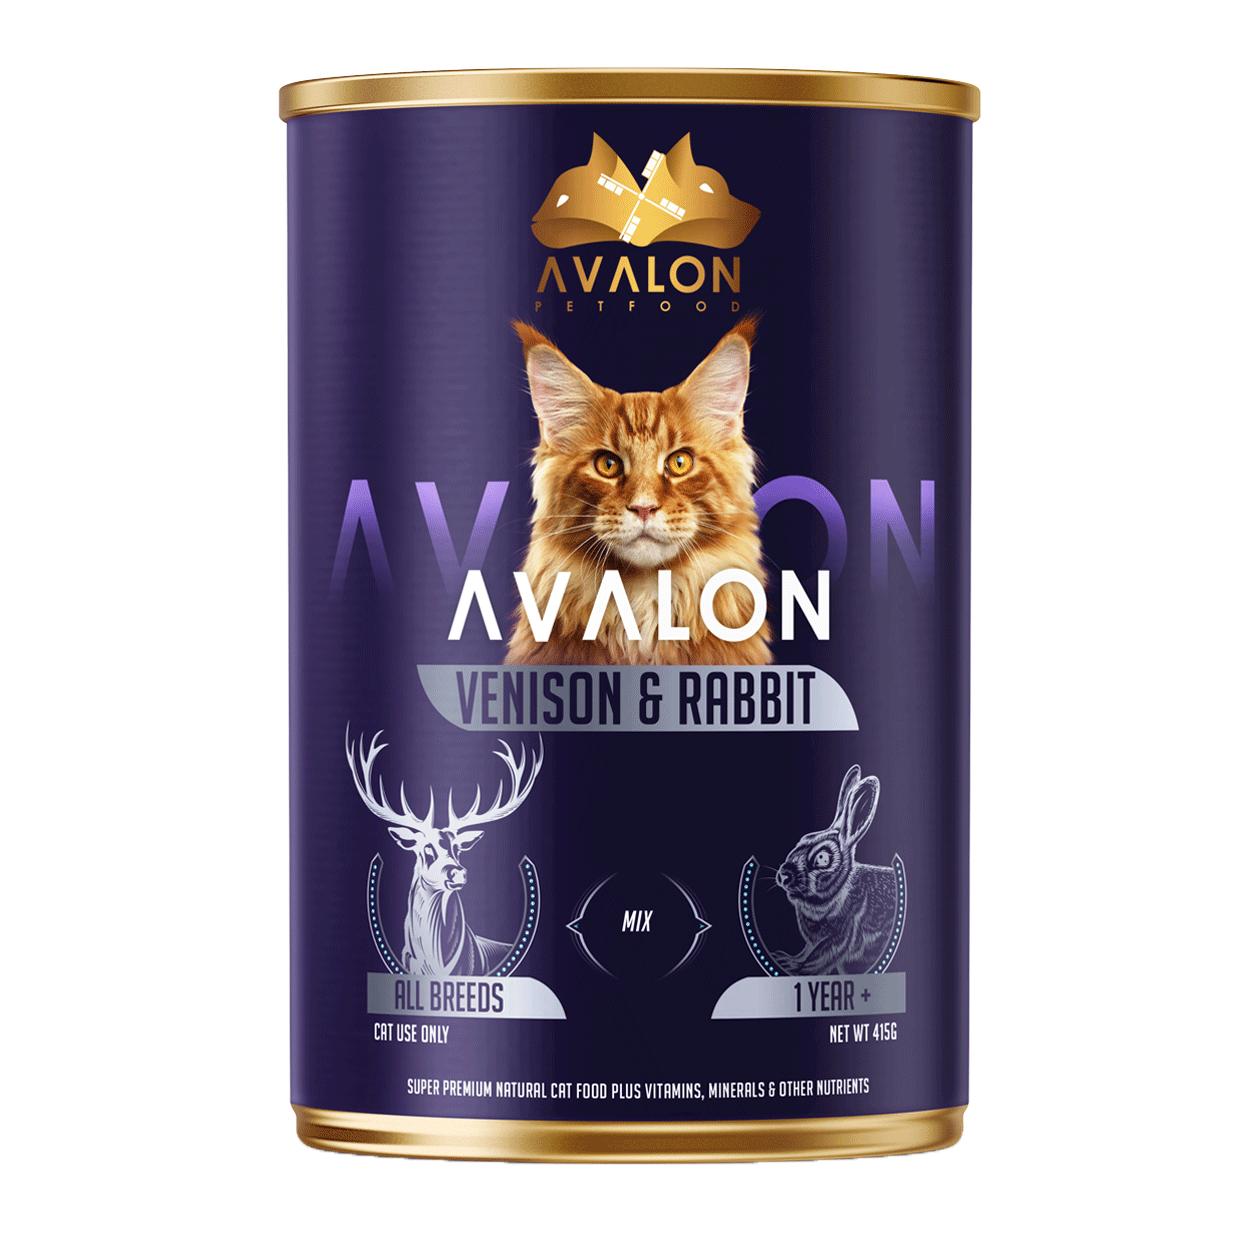 Avalon-Venison-Rabbit